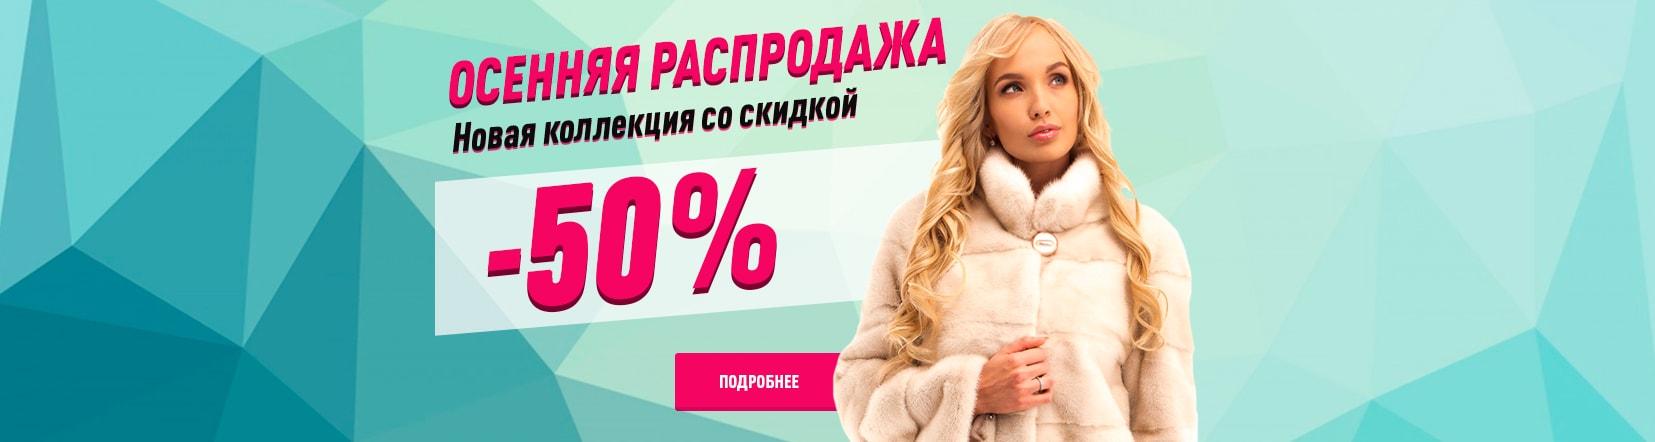 Осенняя распродажа -50%